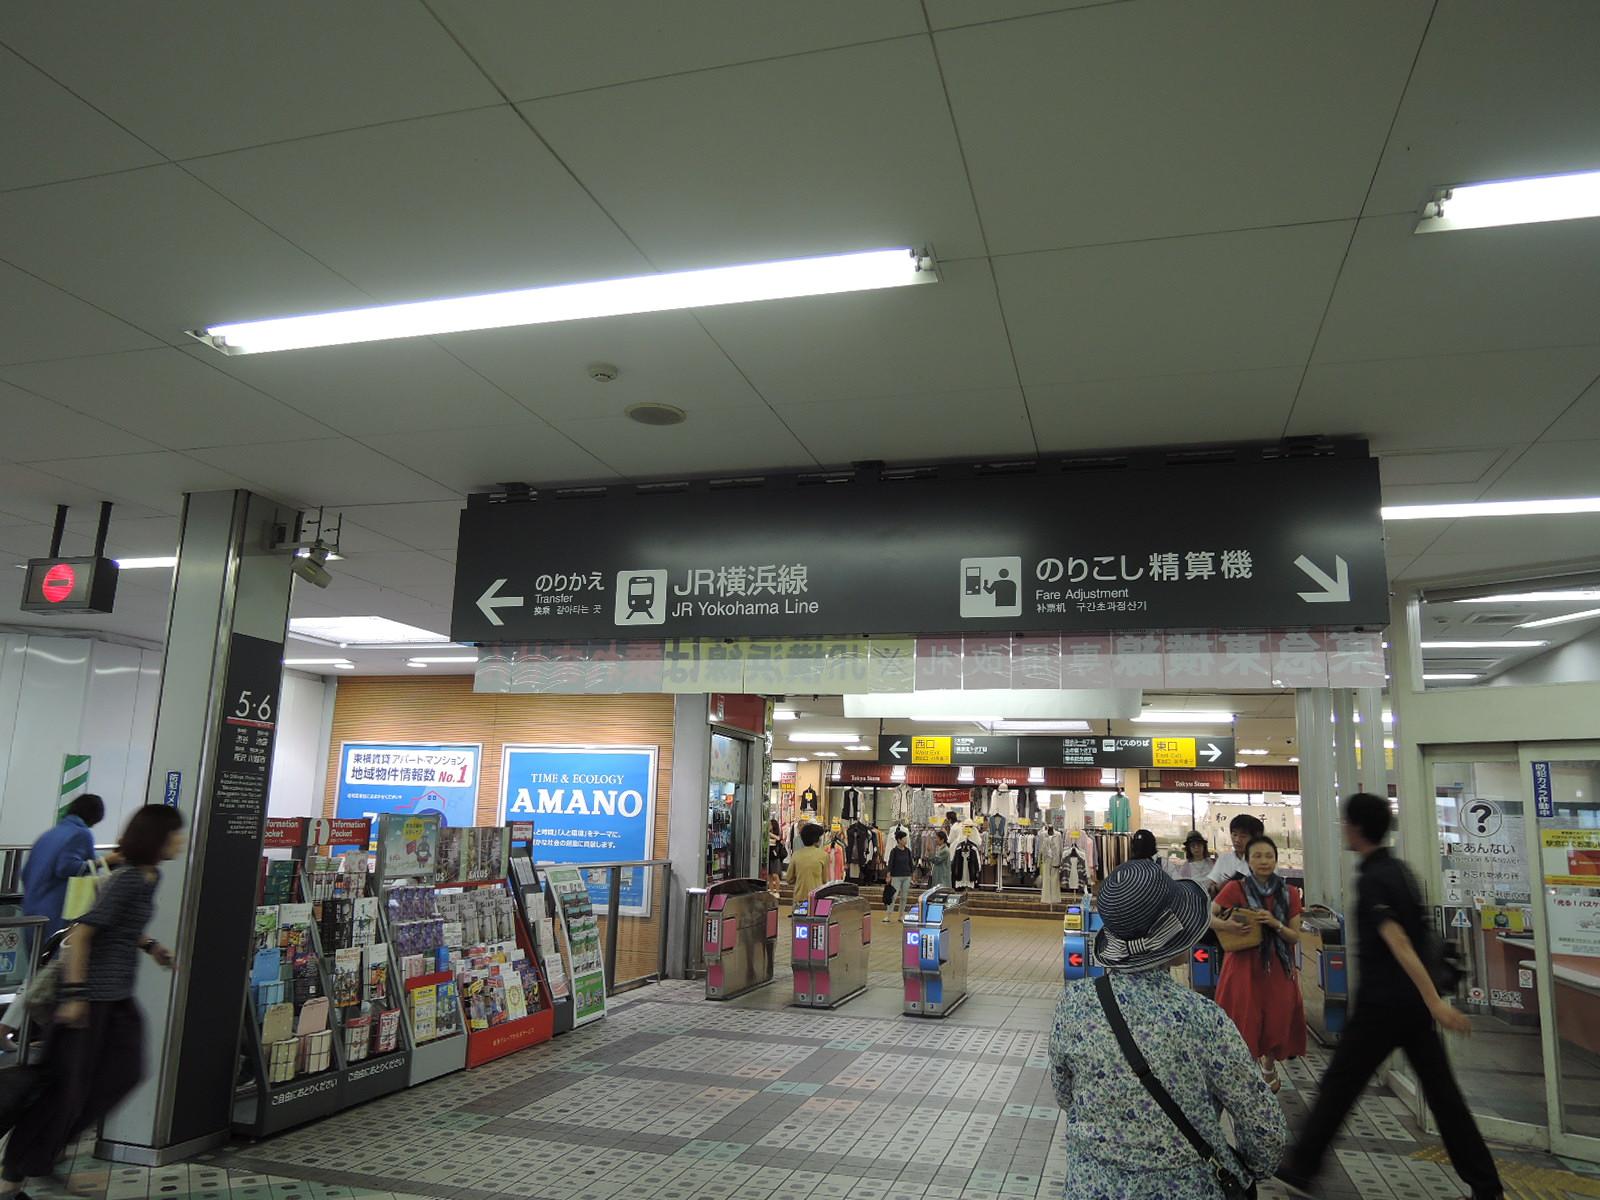 東急東横線改札。JR横浜線に乗り換え便利。改札を出ると東急ストア入口が目の前